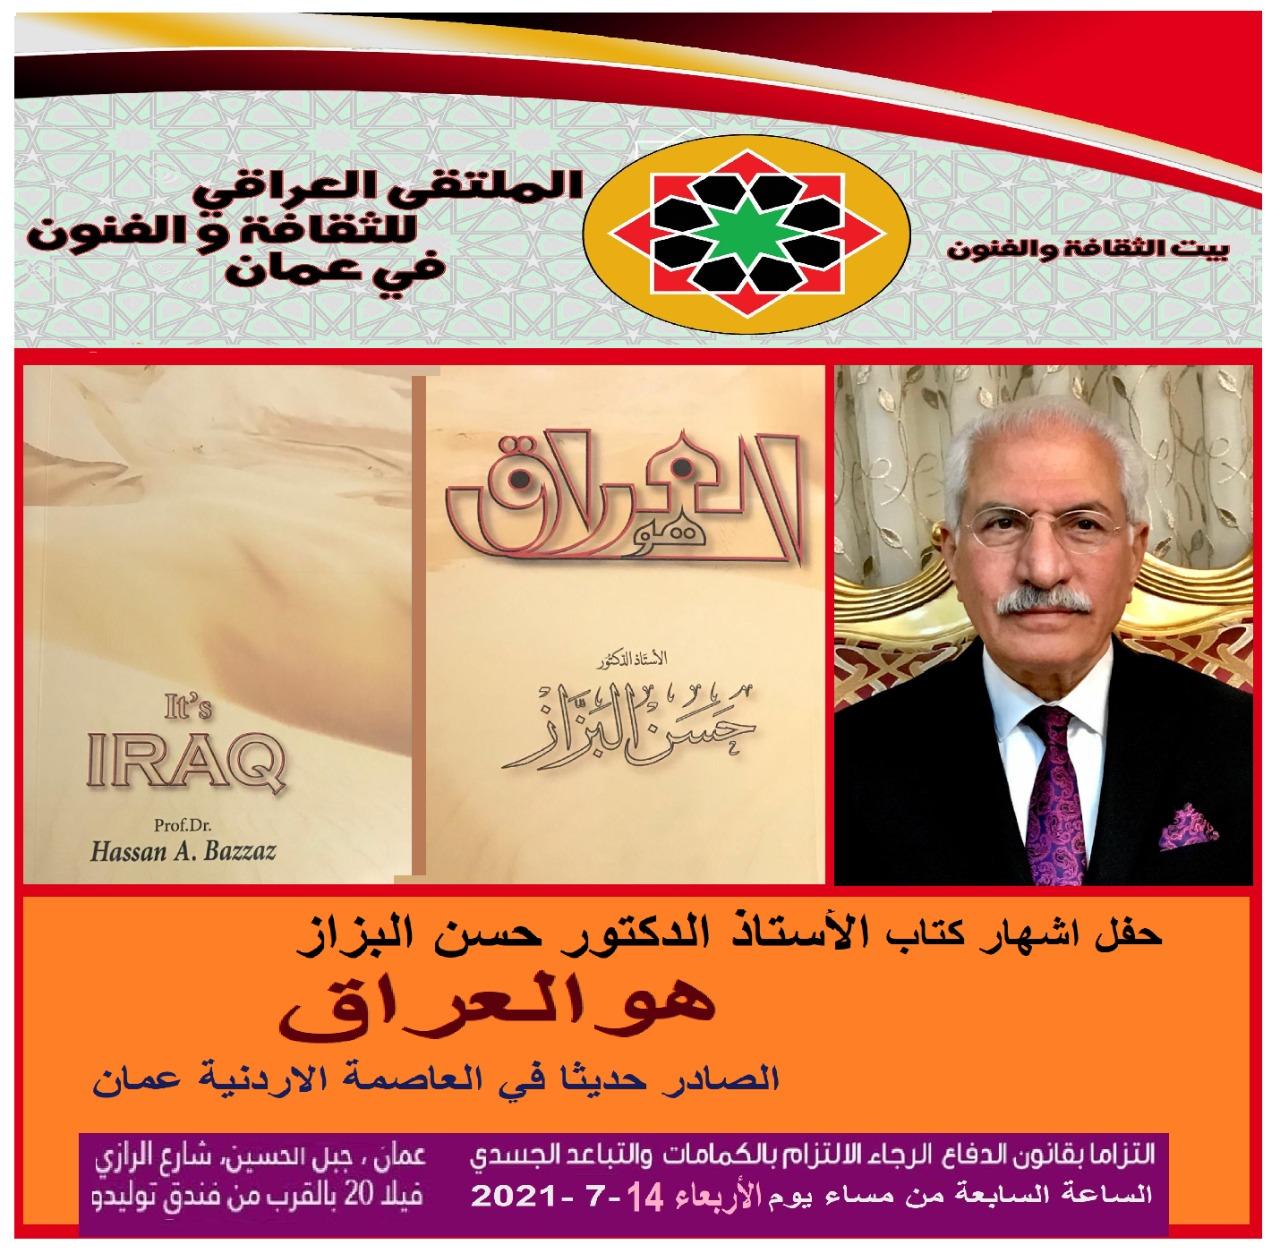 """الملتقى العراقي للثقافة والفنون يحتفي بالكتاب الجديد """"هو  العراق"""""""